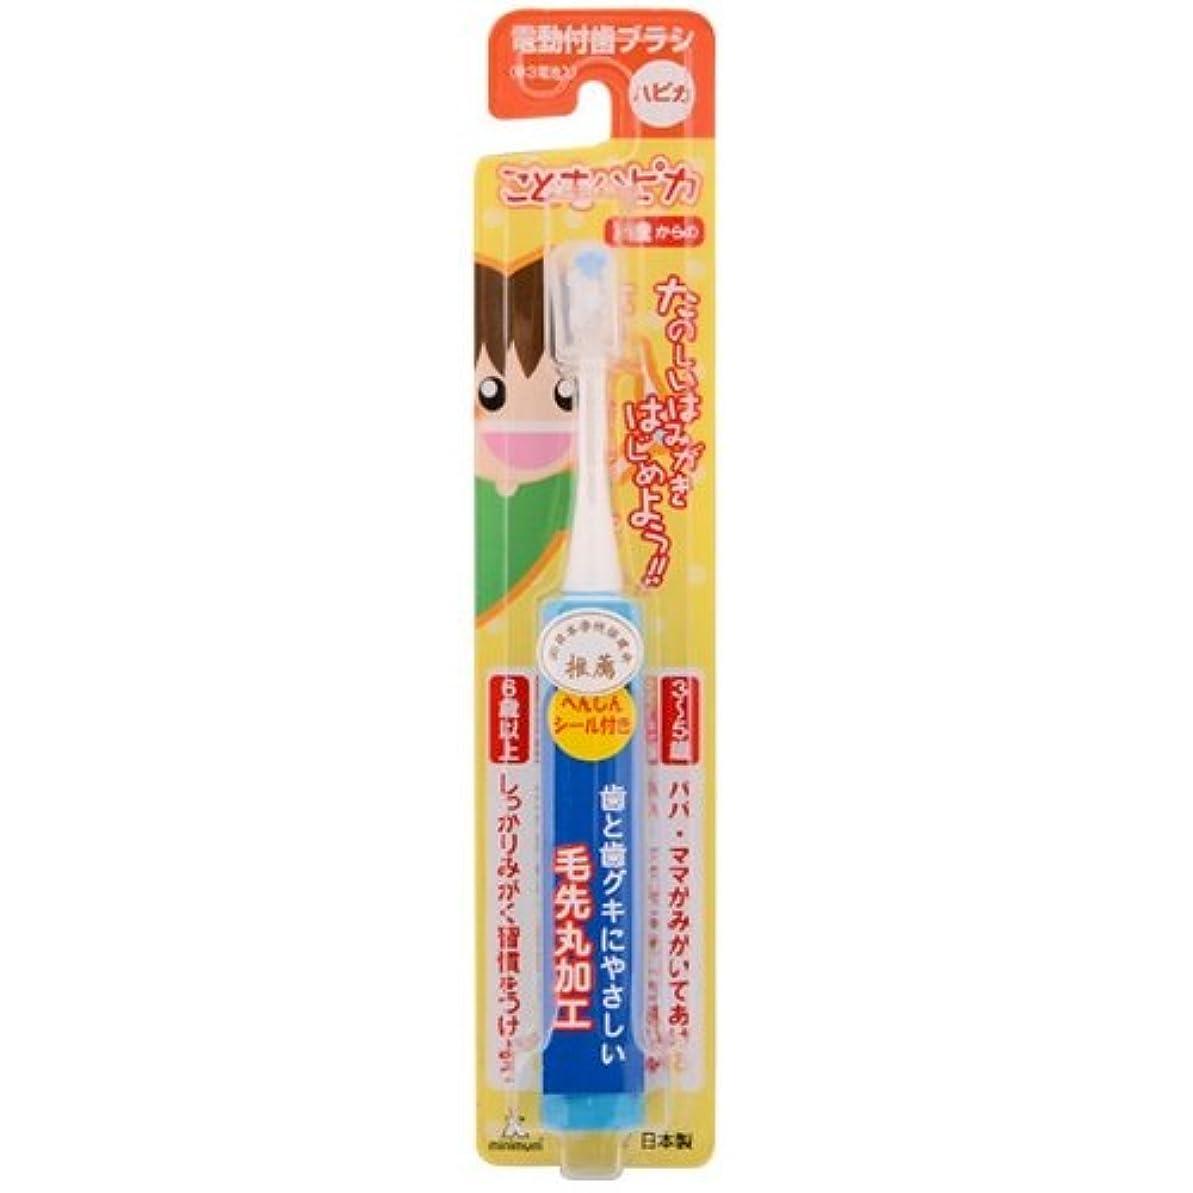 どこドレインホイストミニマム 電動付歯ブラシ こどもハピカ ブルー 毛の硬さ:やわらかめ DBK-1B(BP)